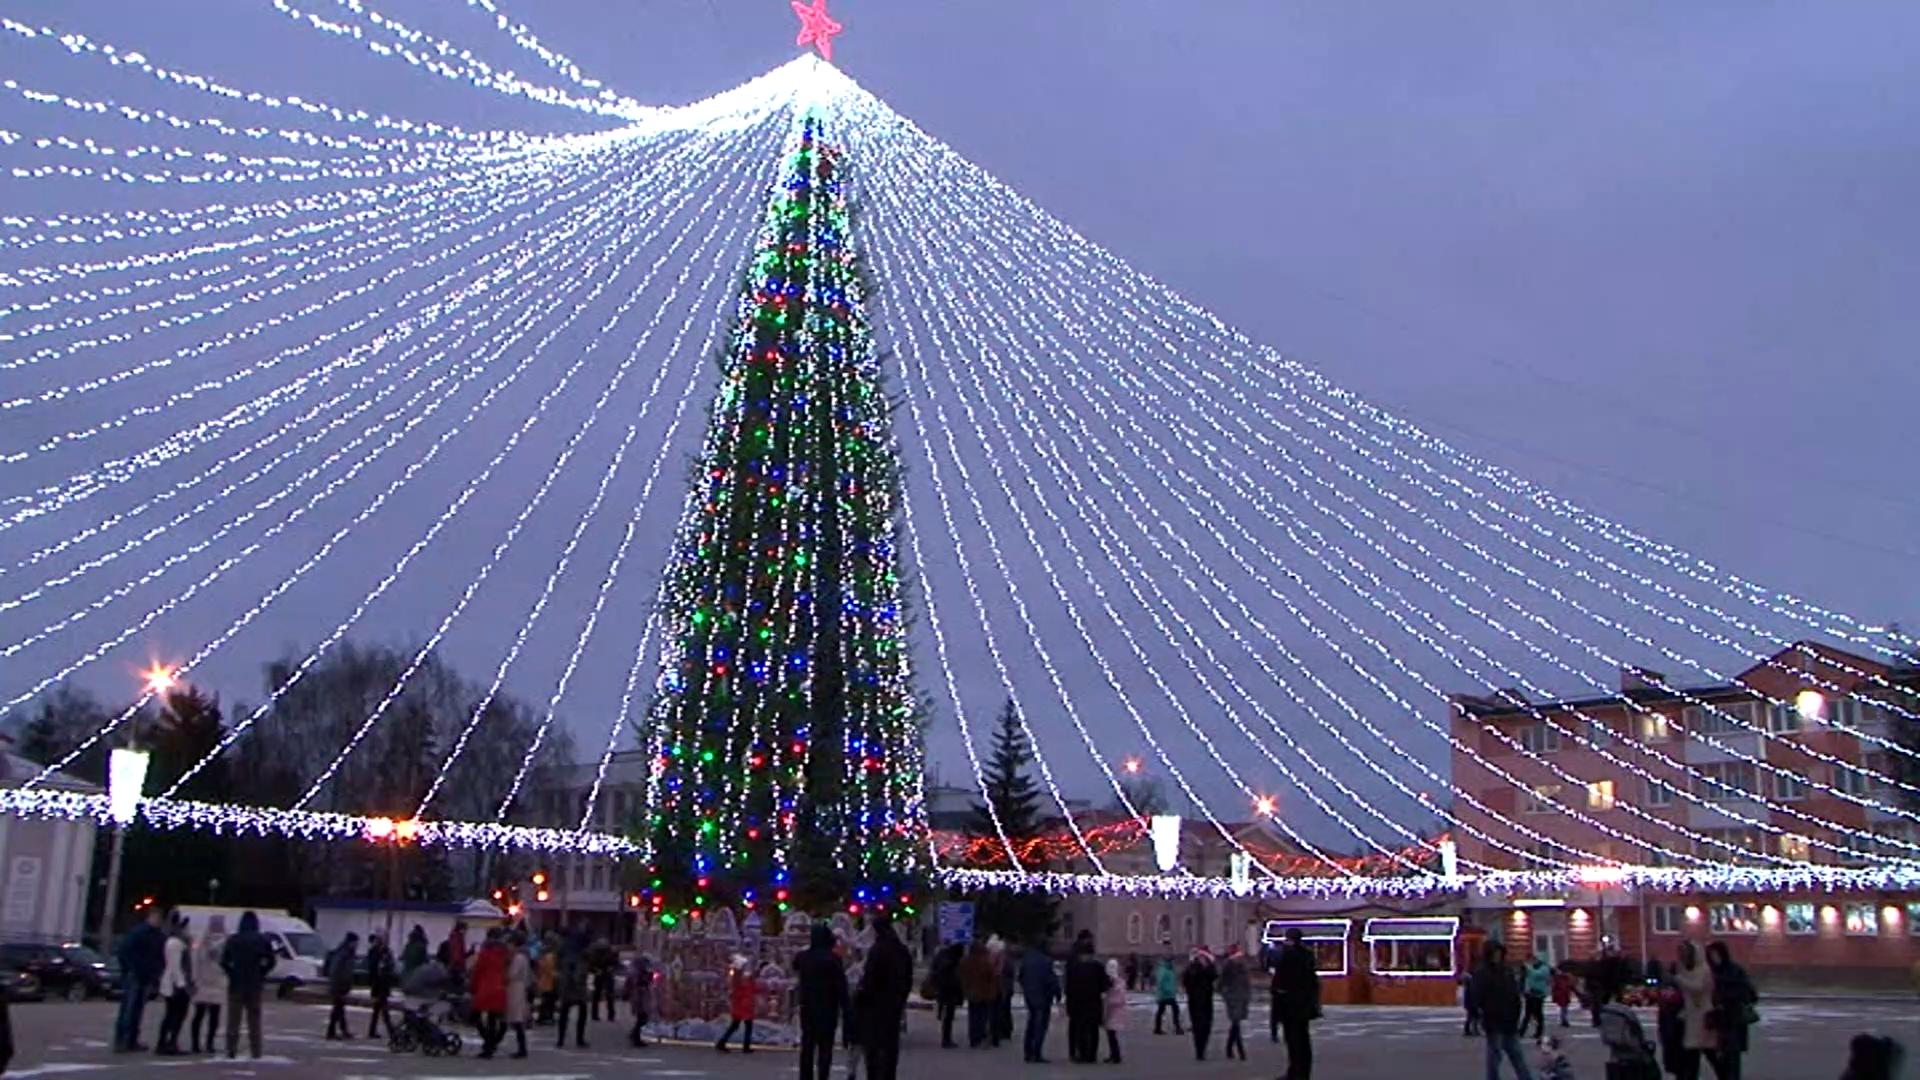 В новогоднюю ночь в Лиде у главной елки, на площади по улице Советской, будет организована шоу-программа.